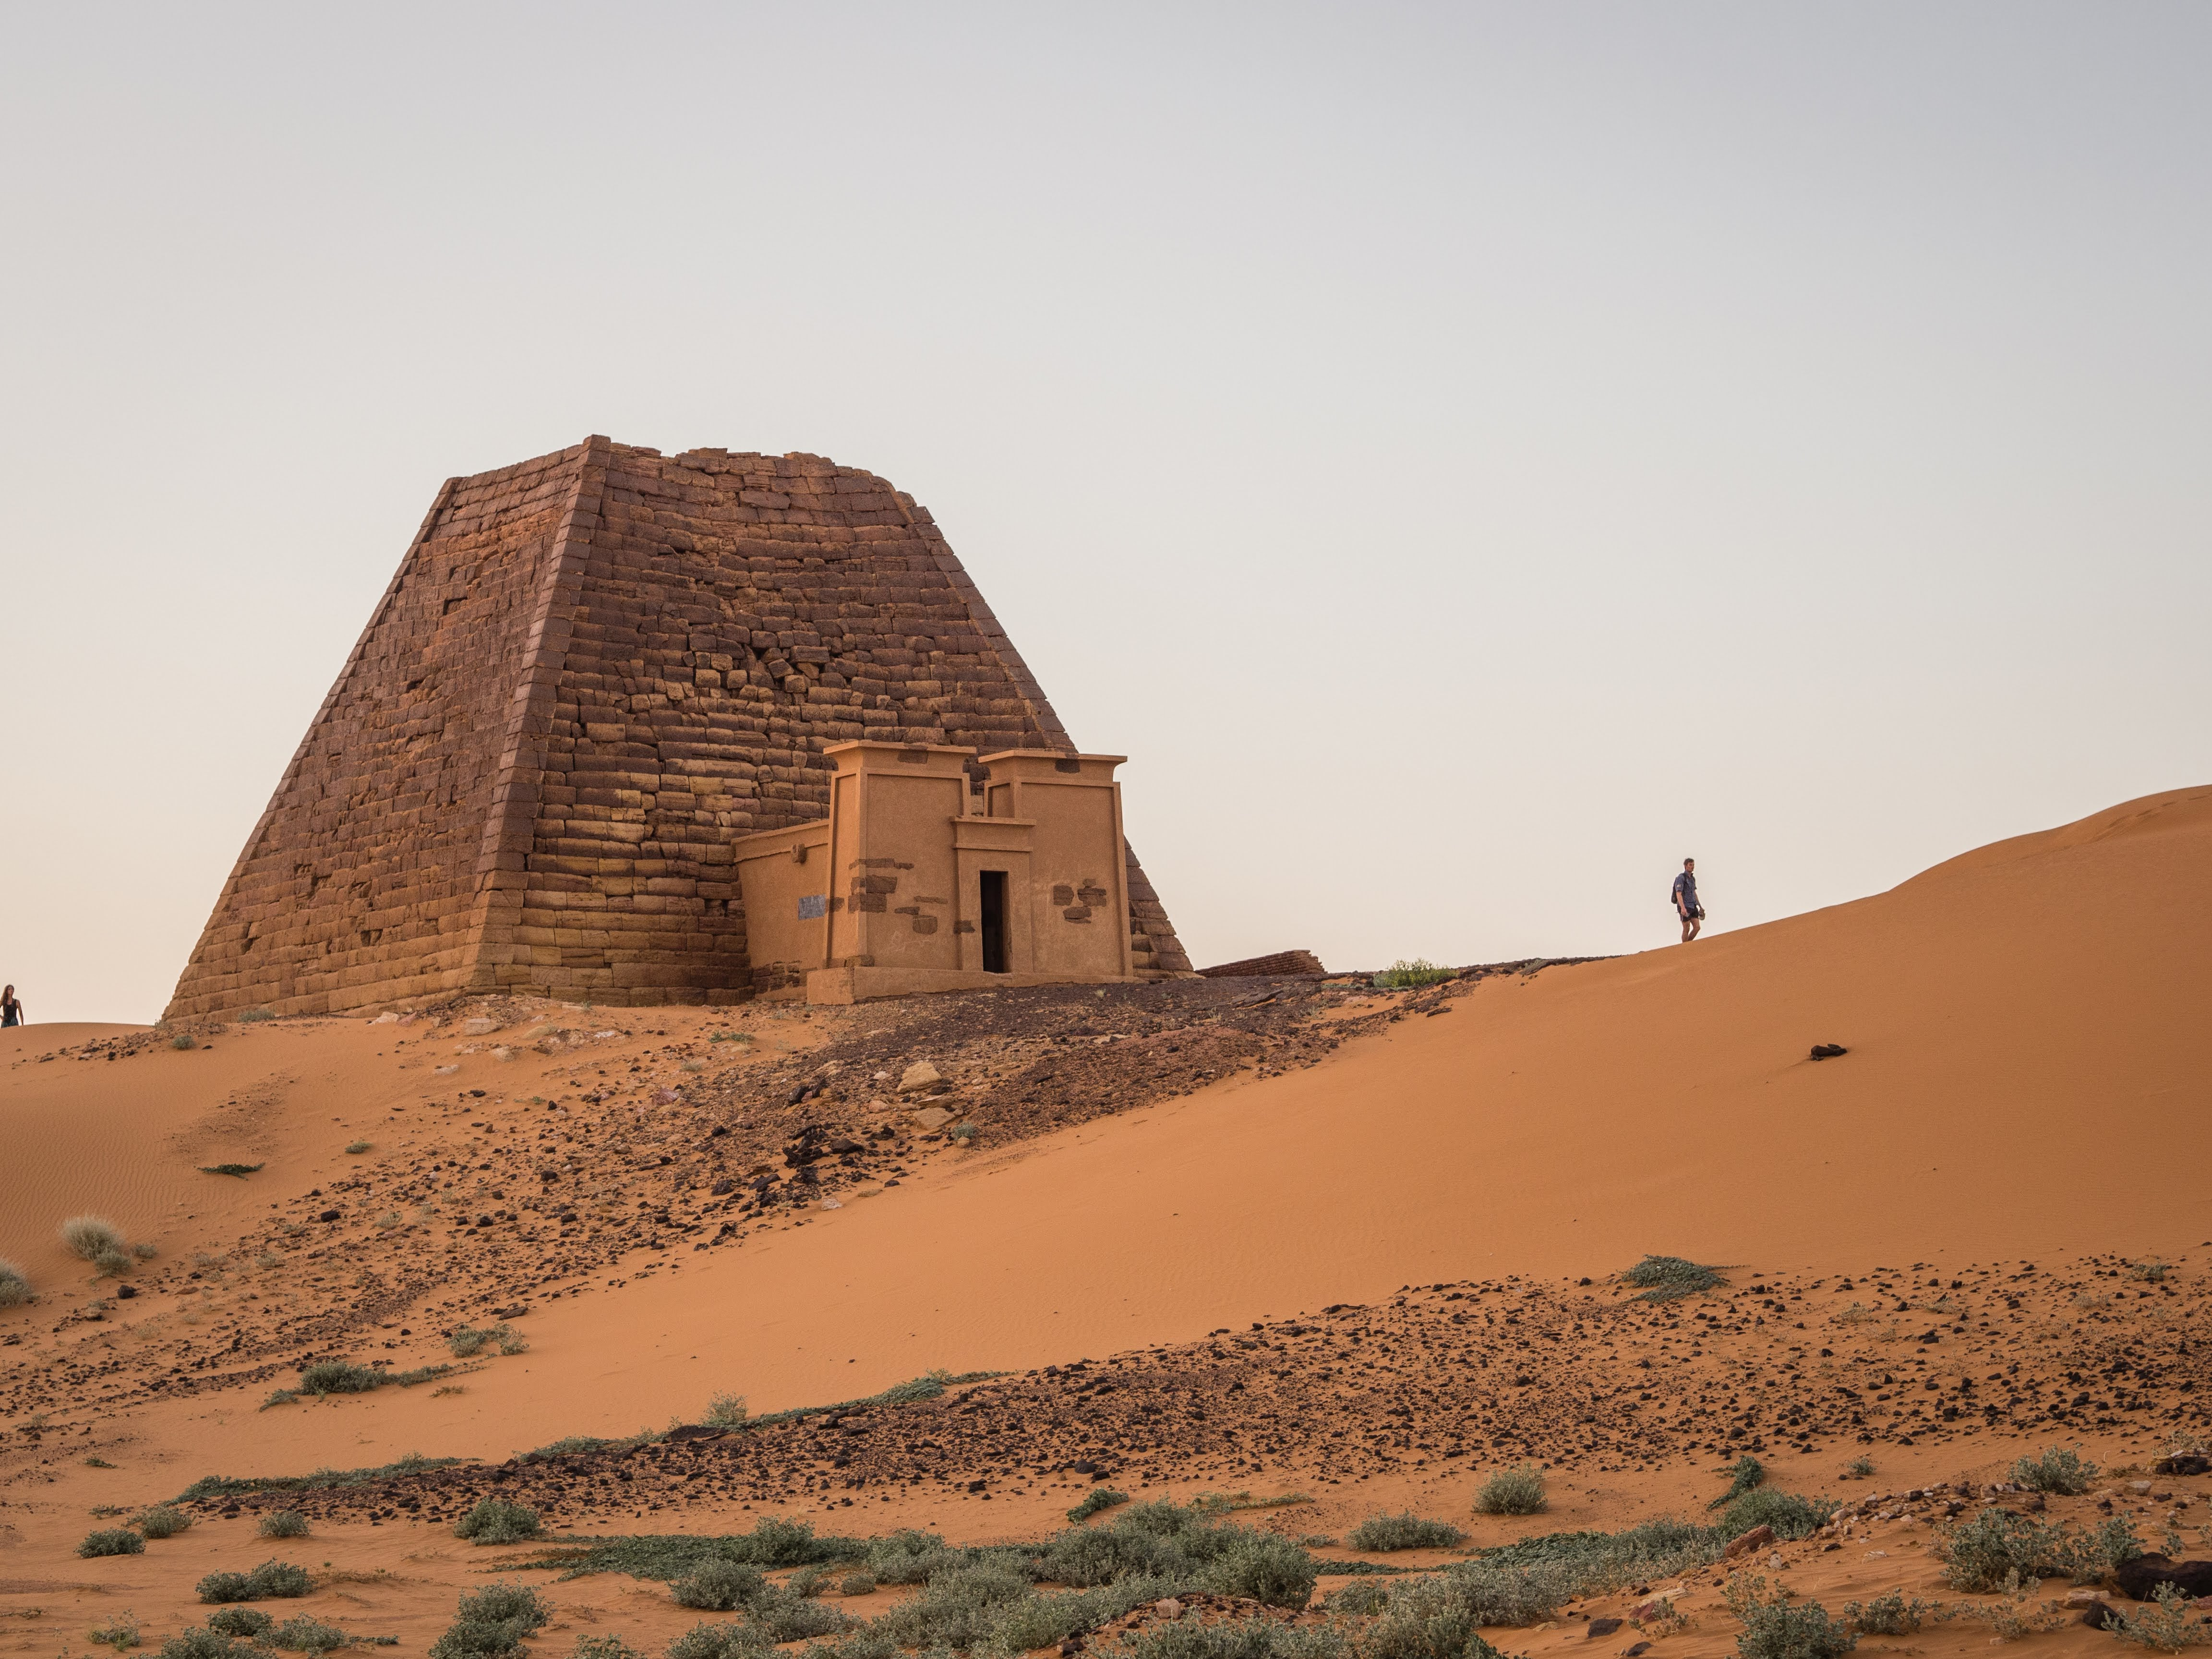 Meroe Pyramid